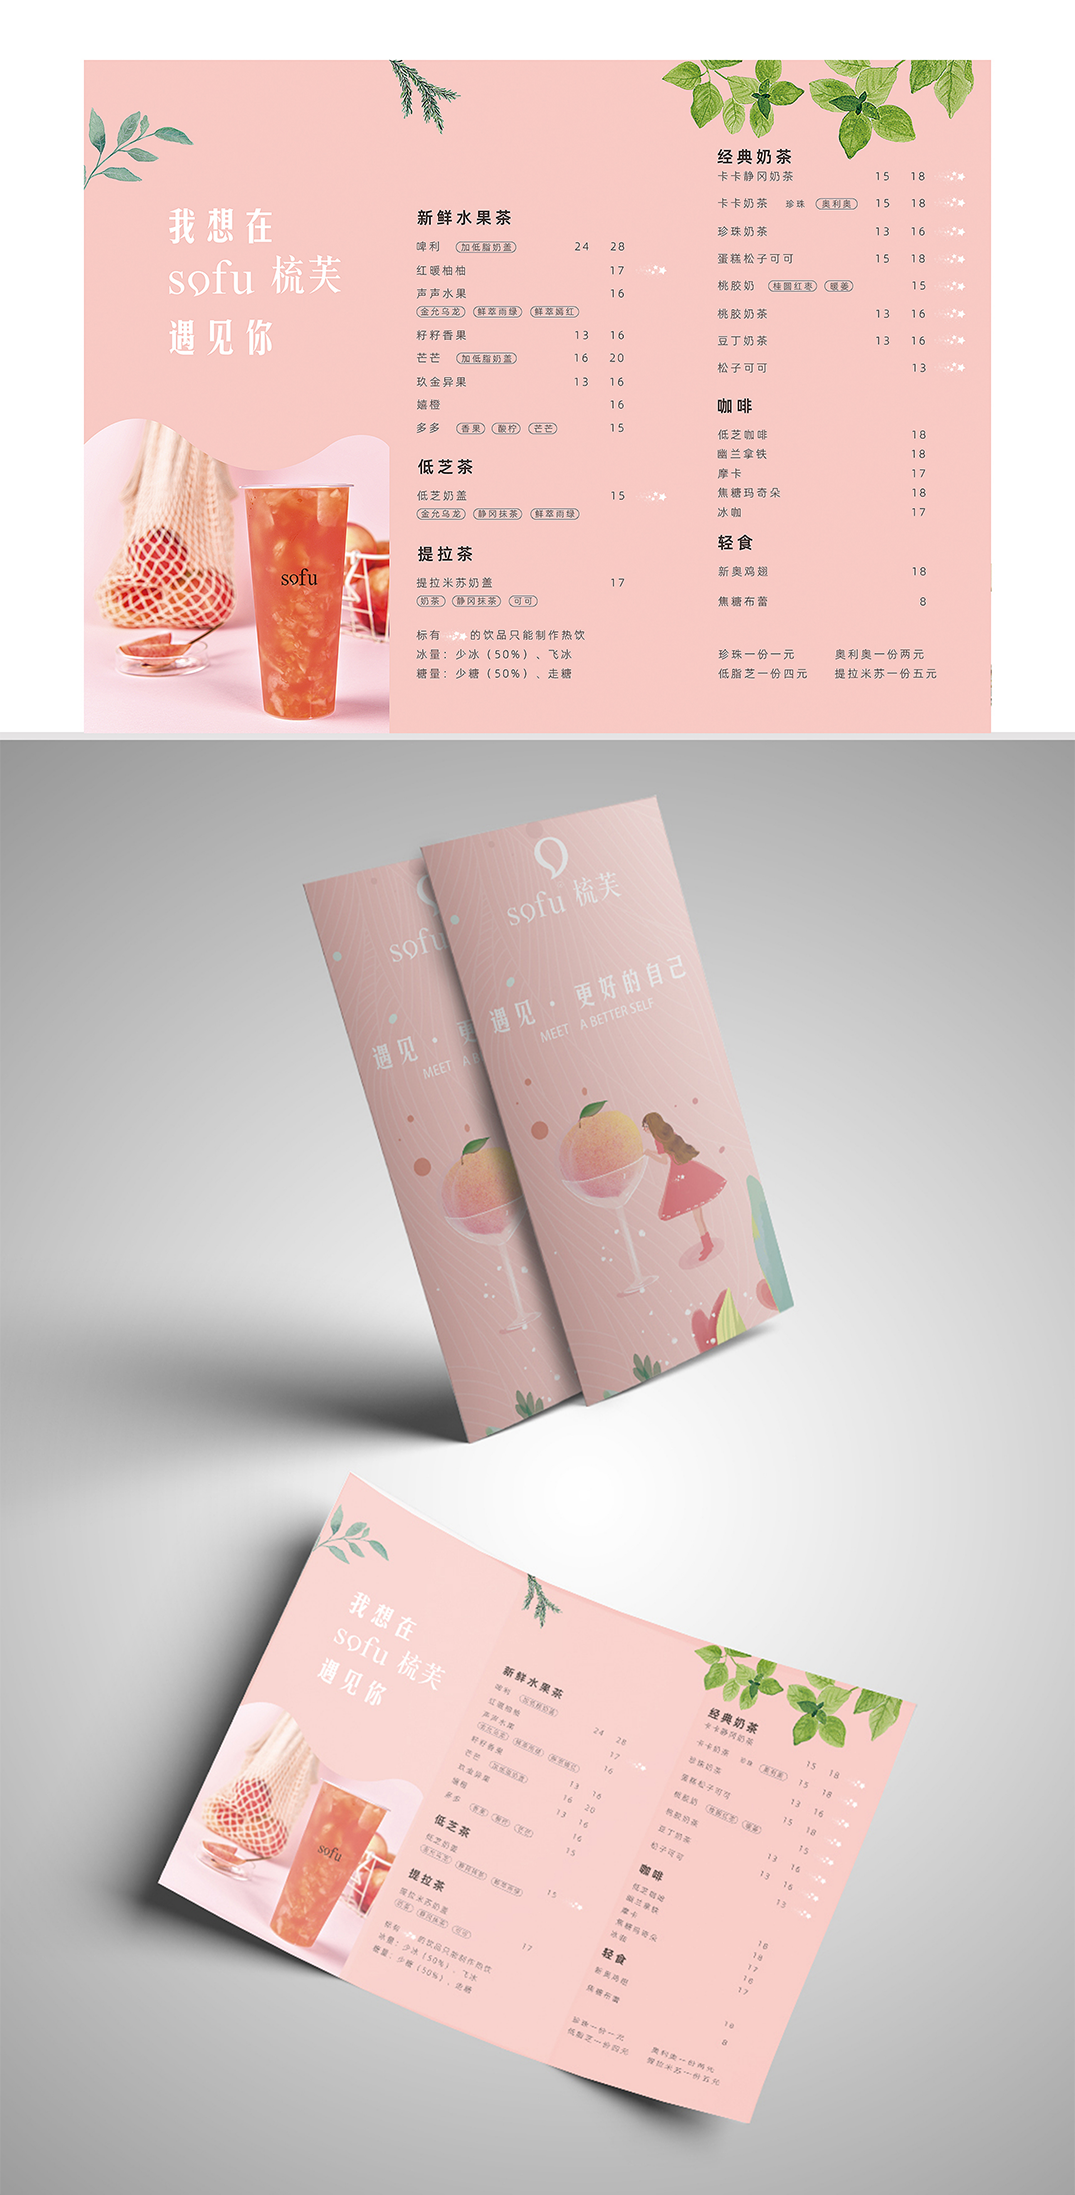 【品牌设计】菜单画册三折页插画海报请柬明信片产品手册宣传册